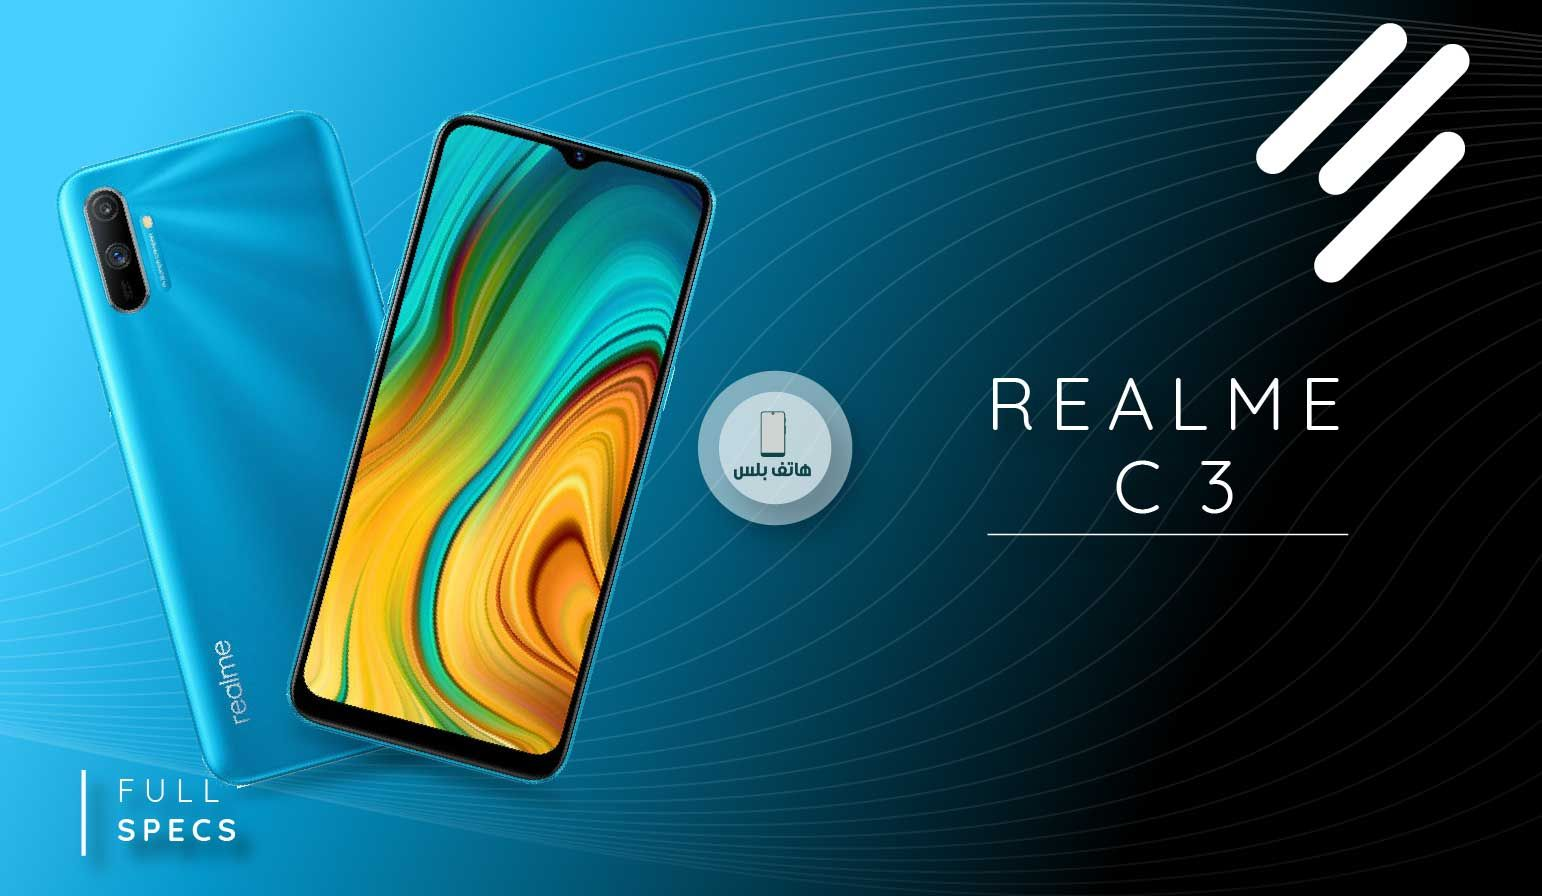 أخيرا ريلمي تعلن رسميا عن هاتفها Realme C3 اللي هيغير مفهوم الفئة الاقتصادية هاتف بلس Specs